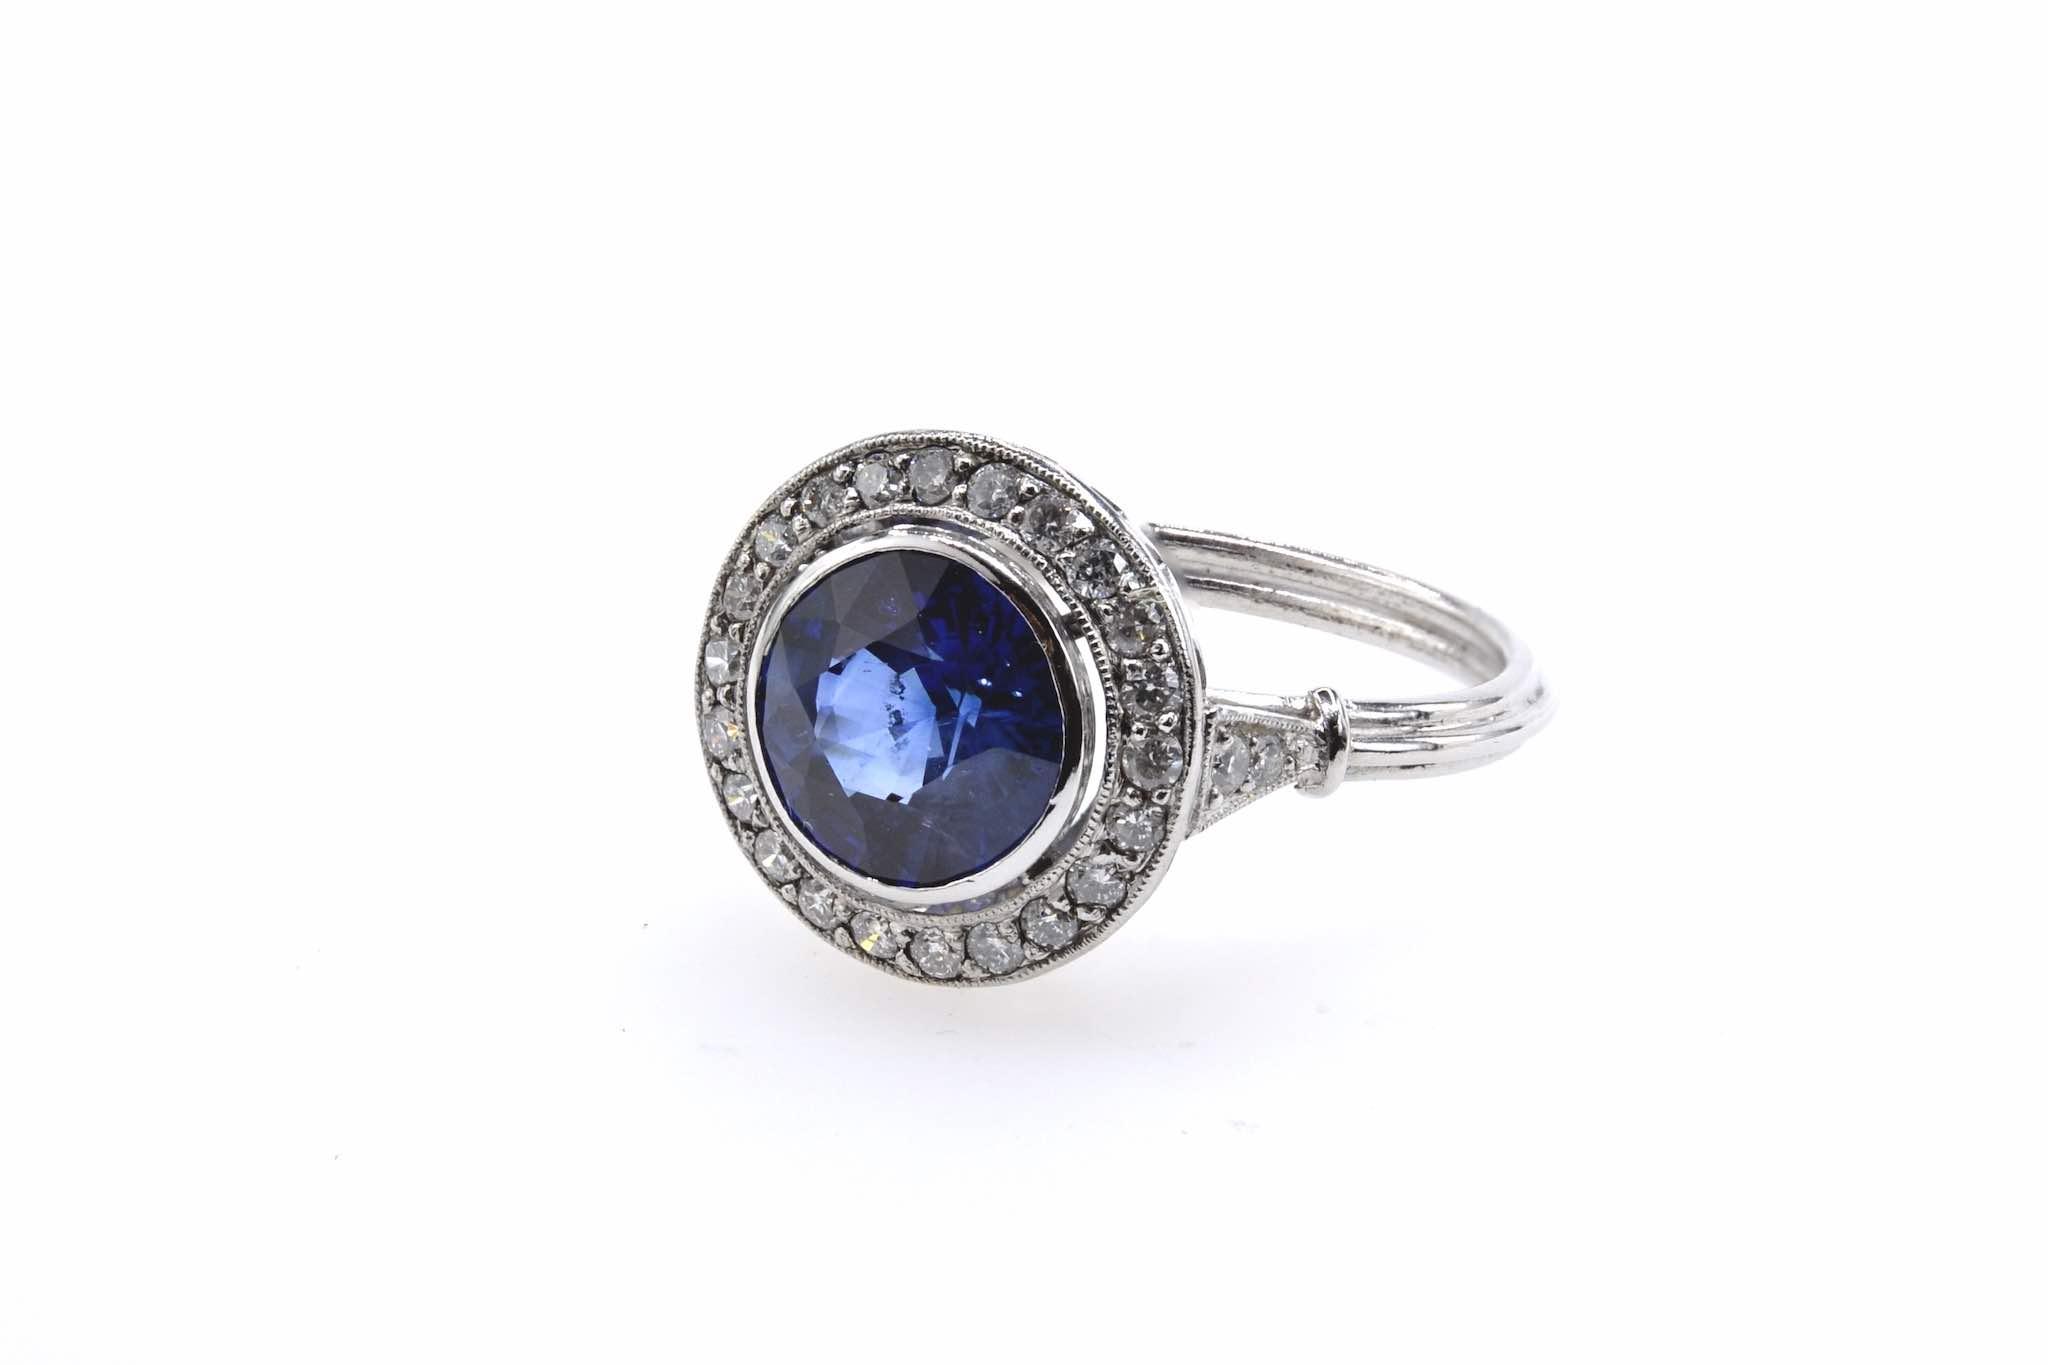 Bague saphir entourage et diamants en platine